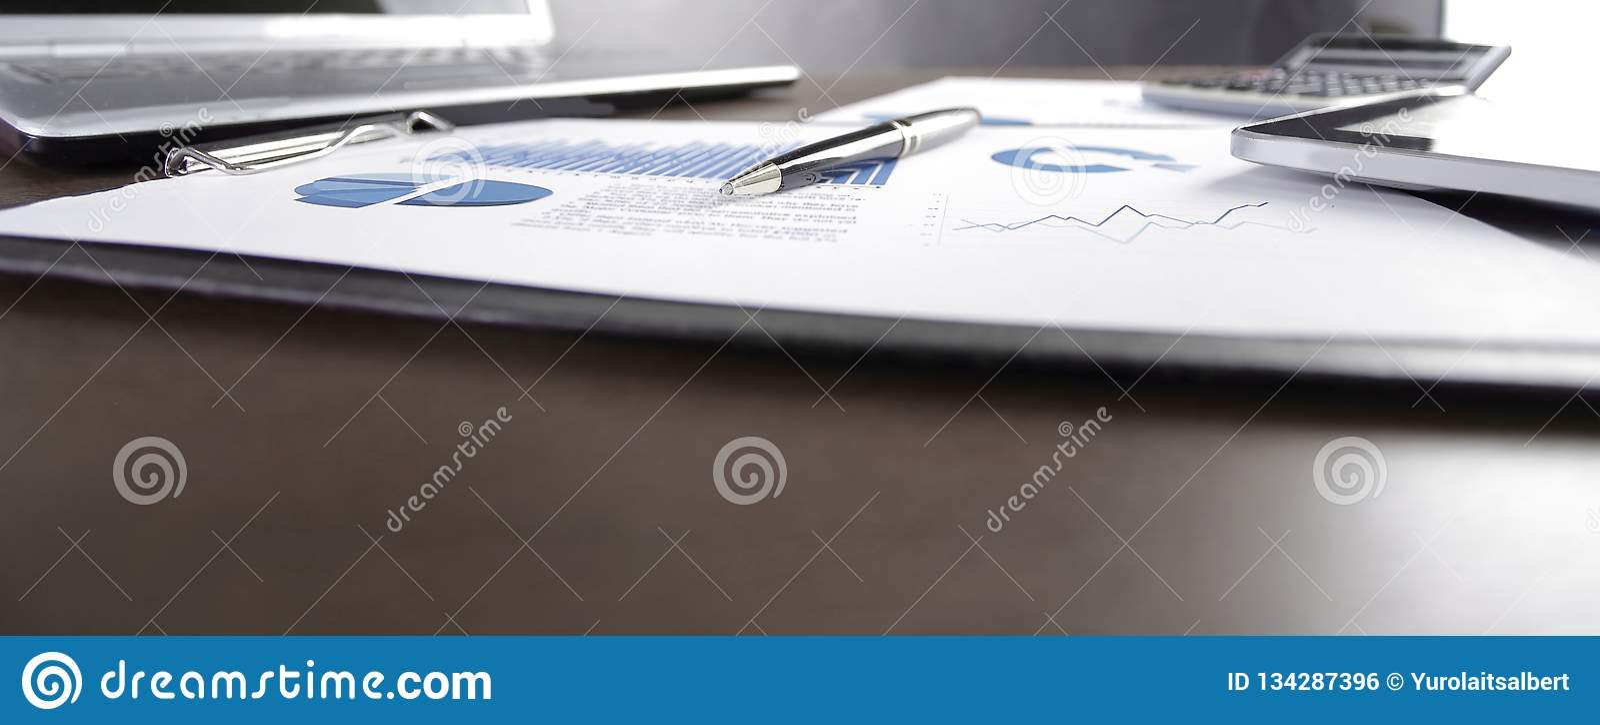 Close upp finansiell diagram och bärbar dator på skrivbordet